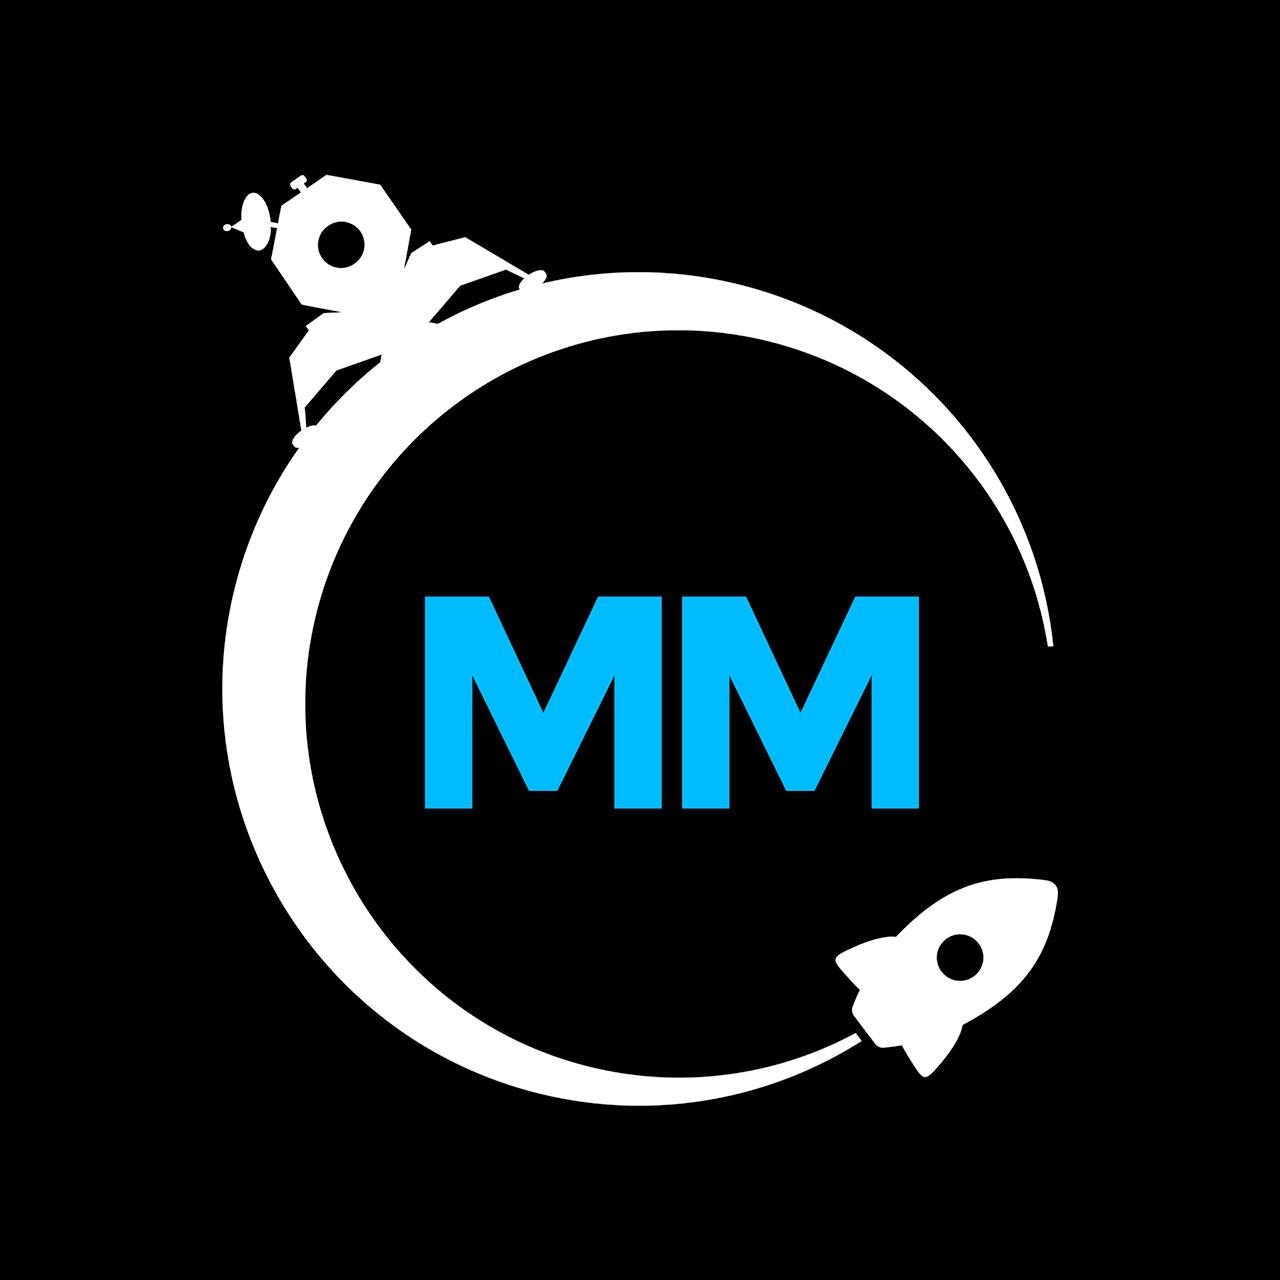 Le logo du Moonshot Museum.